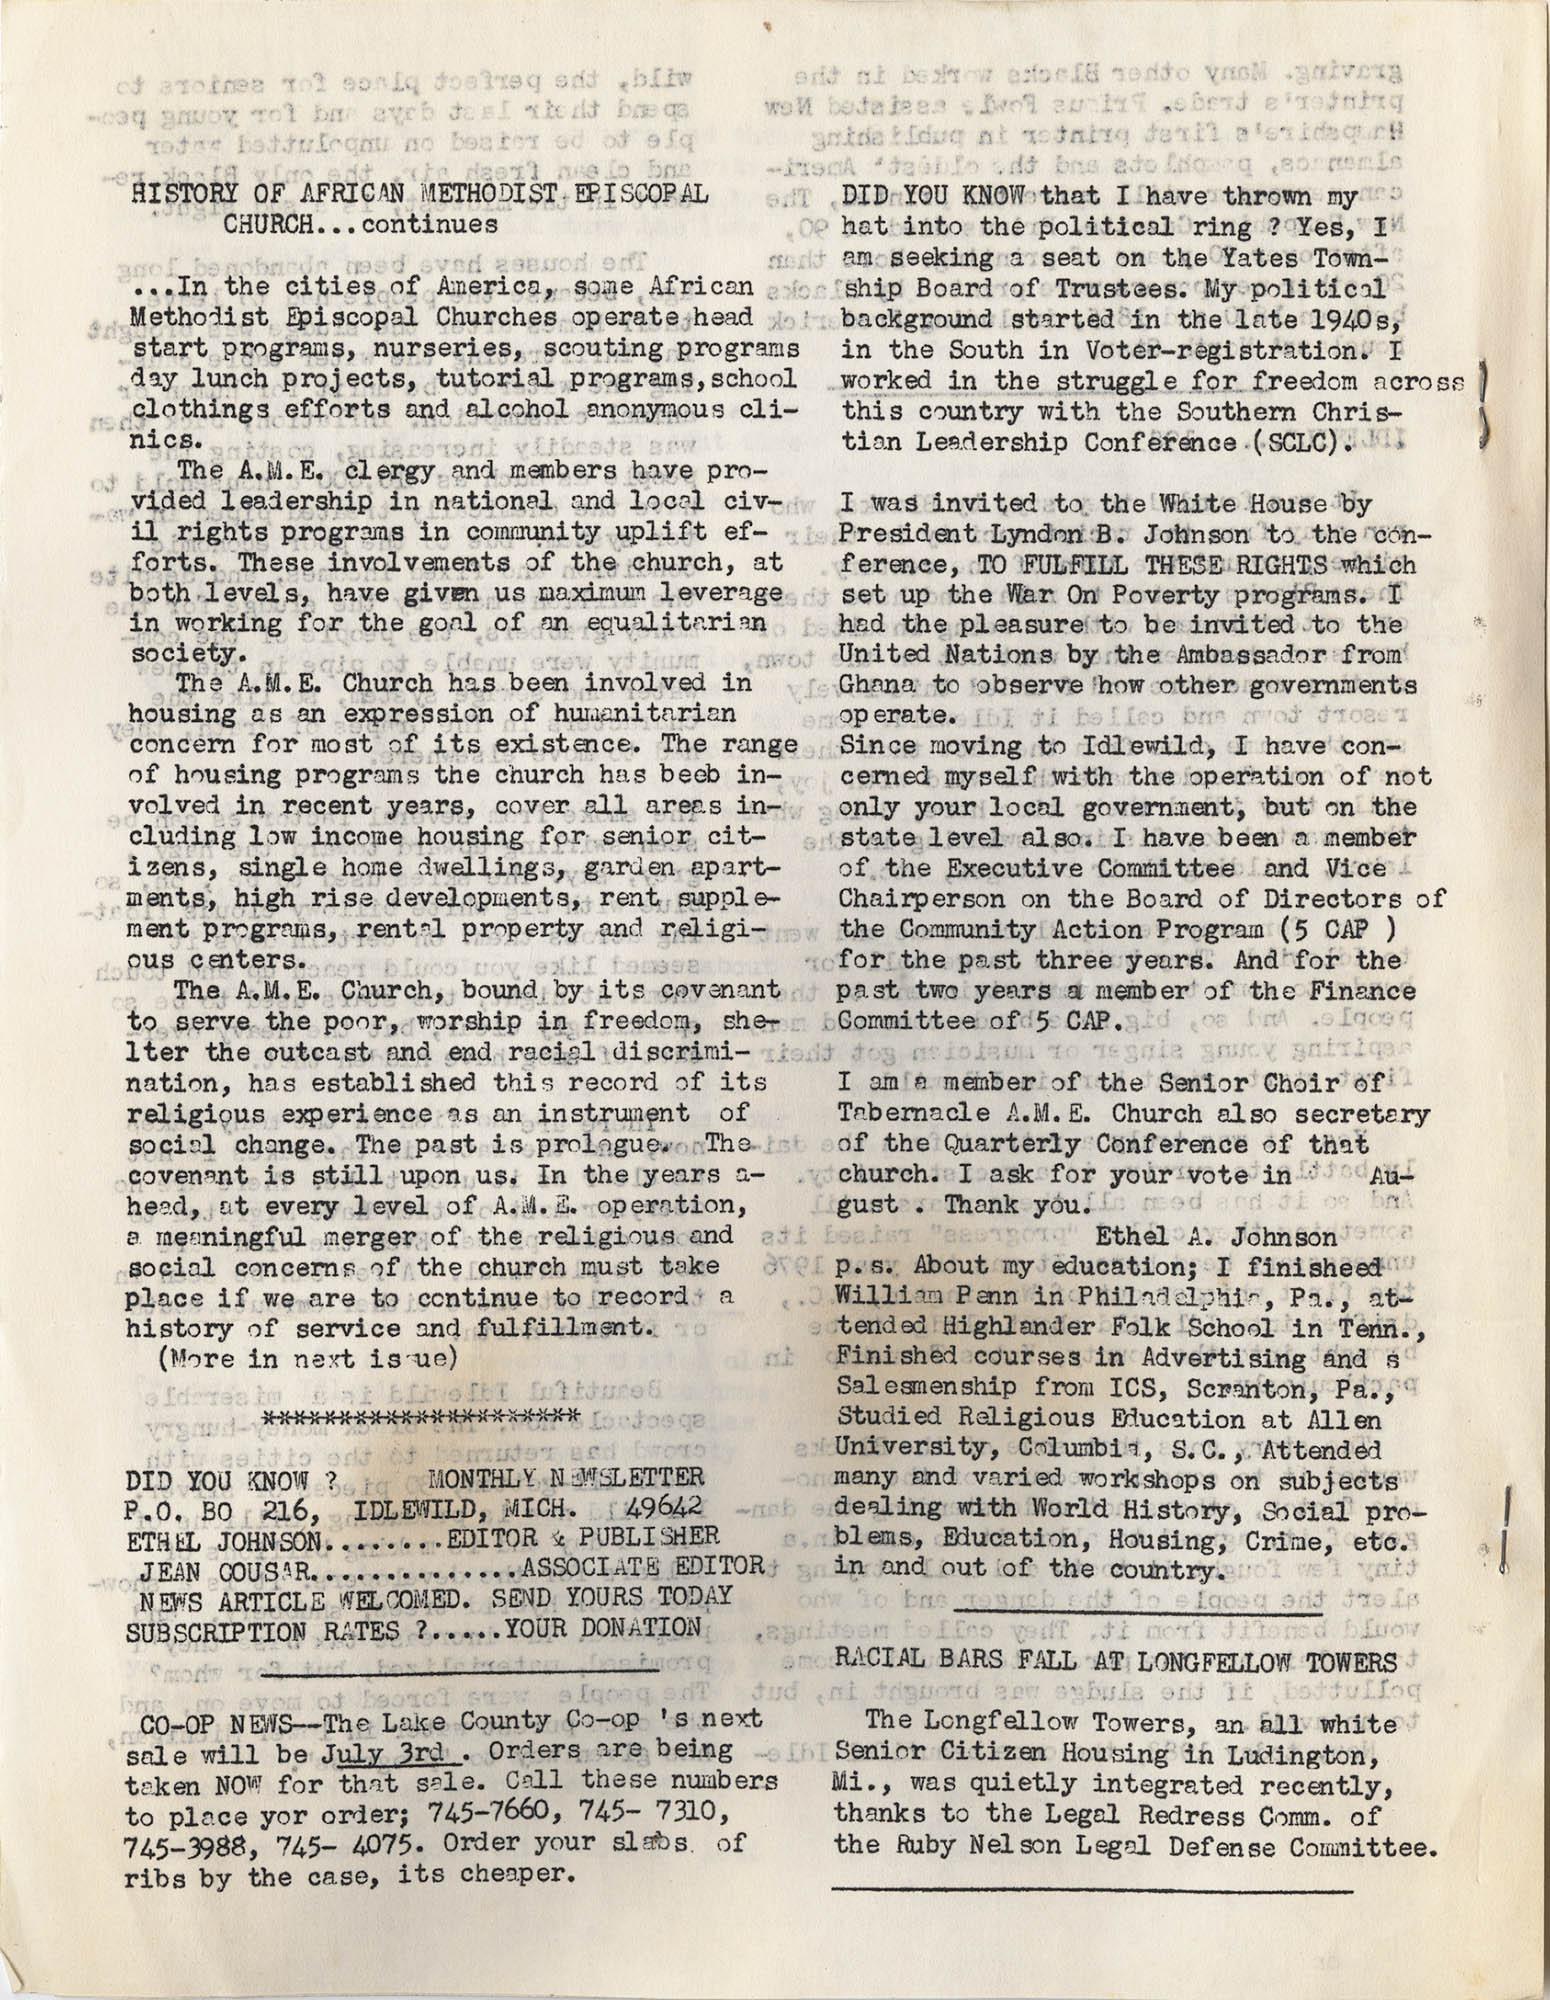 Septima P. Clark Scrapbook, Page 136